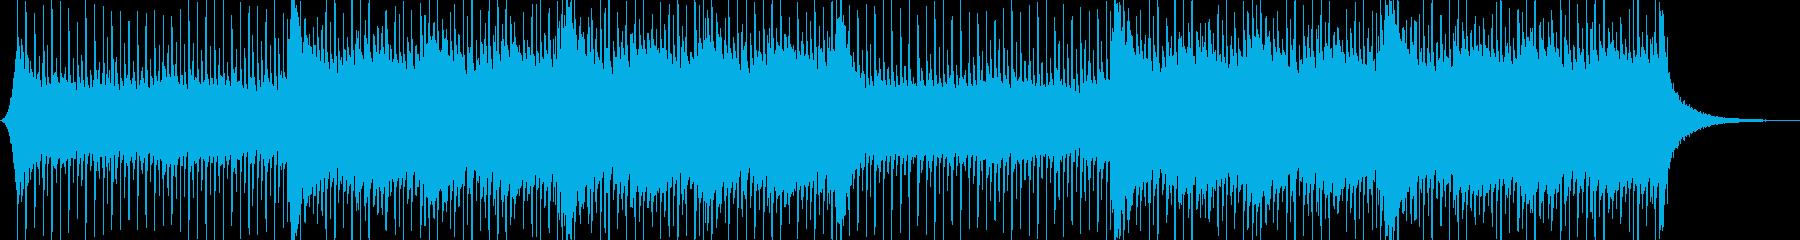 企業VP系35、爽やかギター4つ打ちaの再生済みの波形